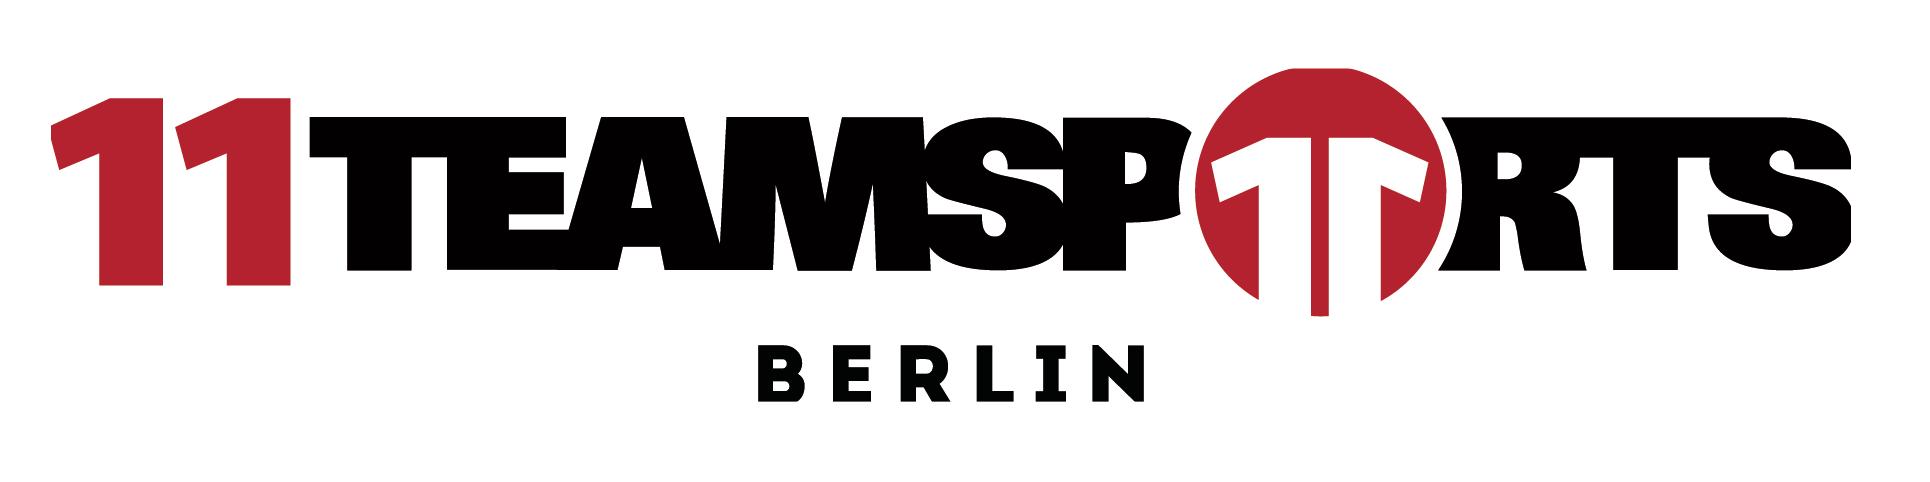 stern marienfelde berlin